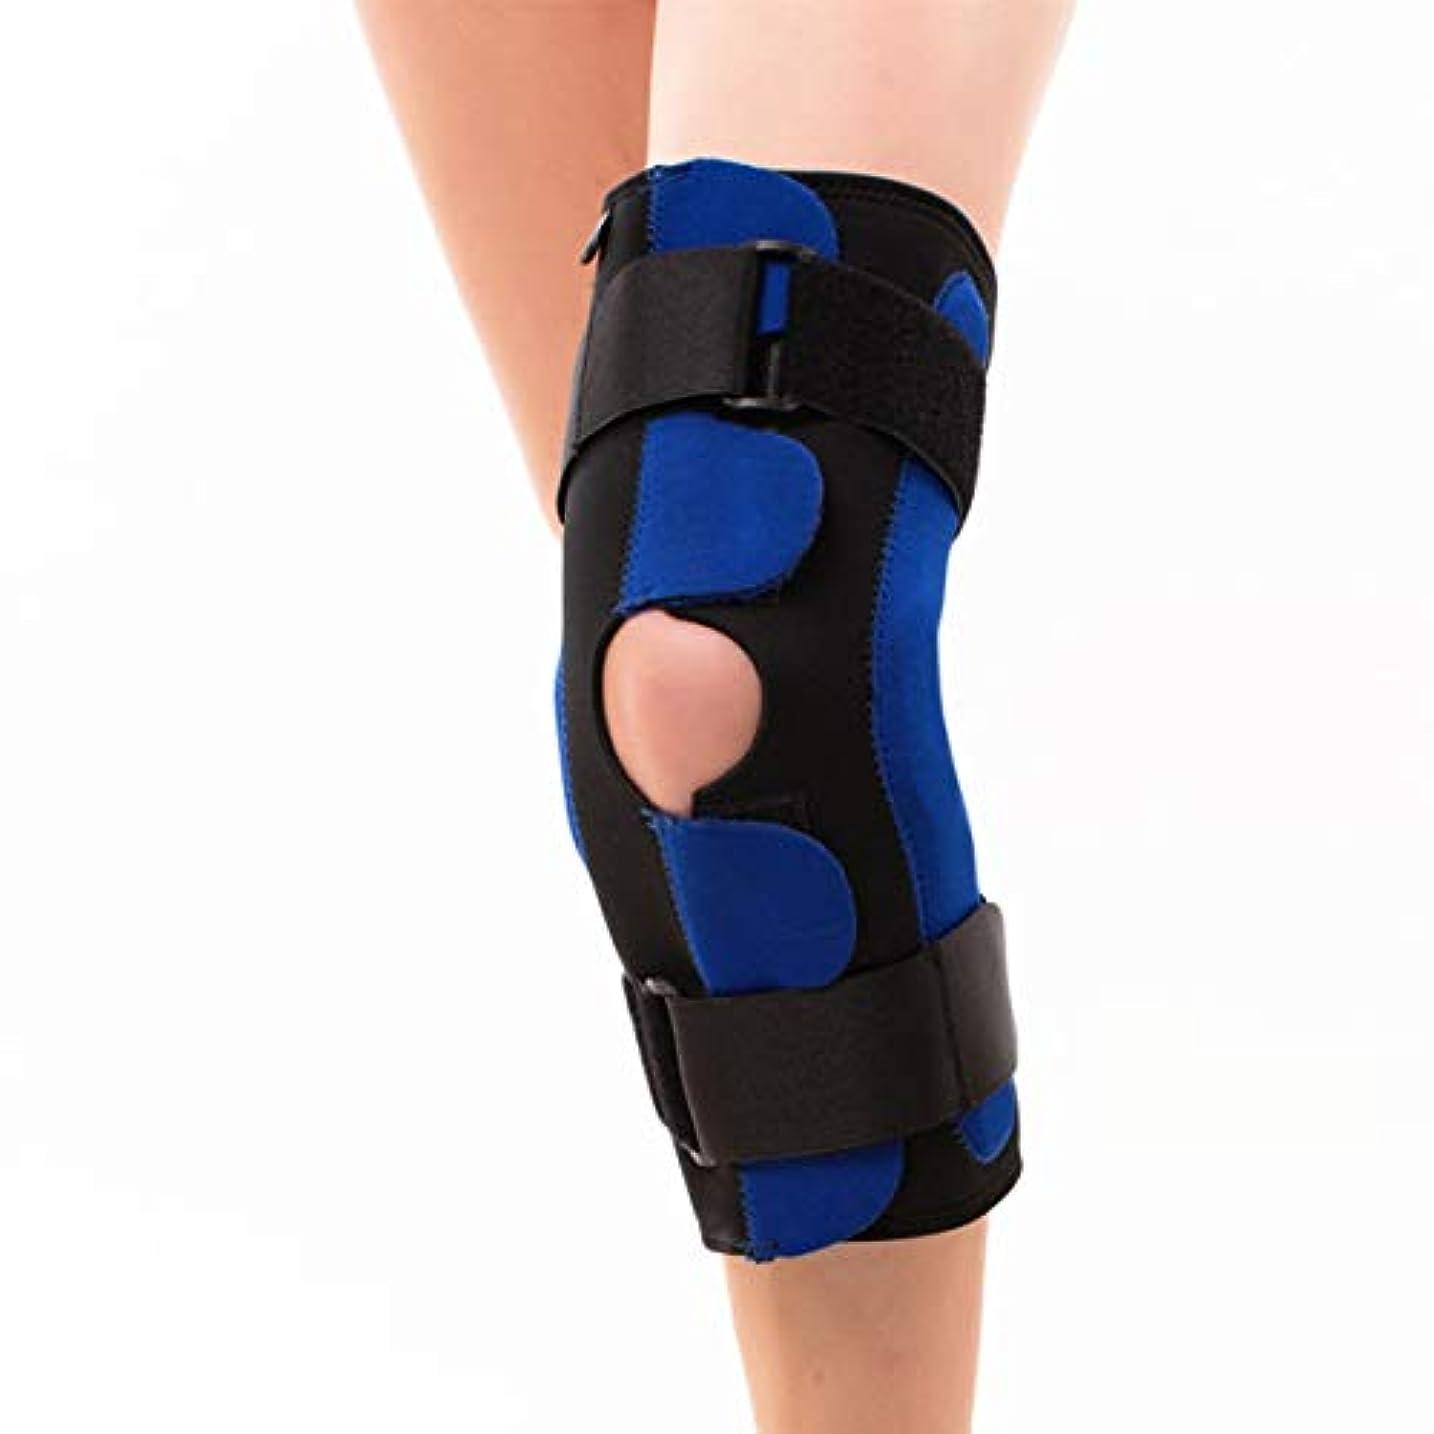 一般的に言えば権威当社屋外スポーツ膝パッド膝鋼サポートバークライミングスポーツ安全膝ブレースフィットネス保護パーツ-ブラックL